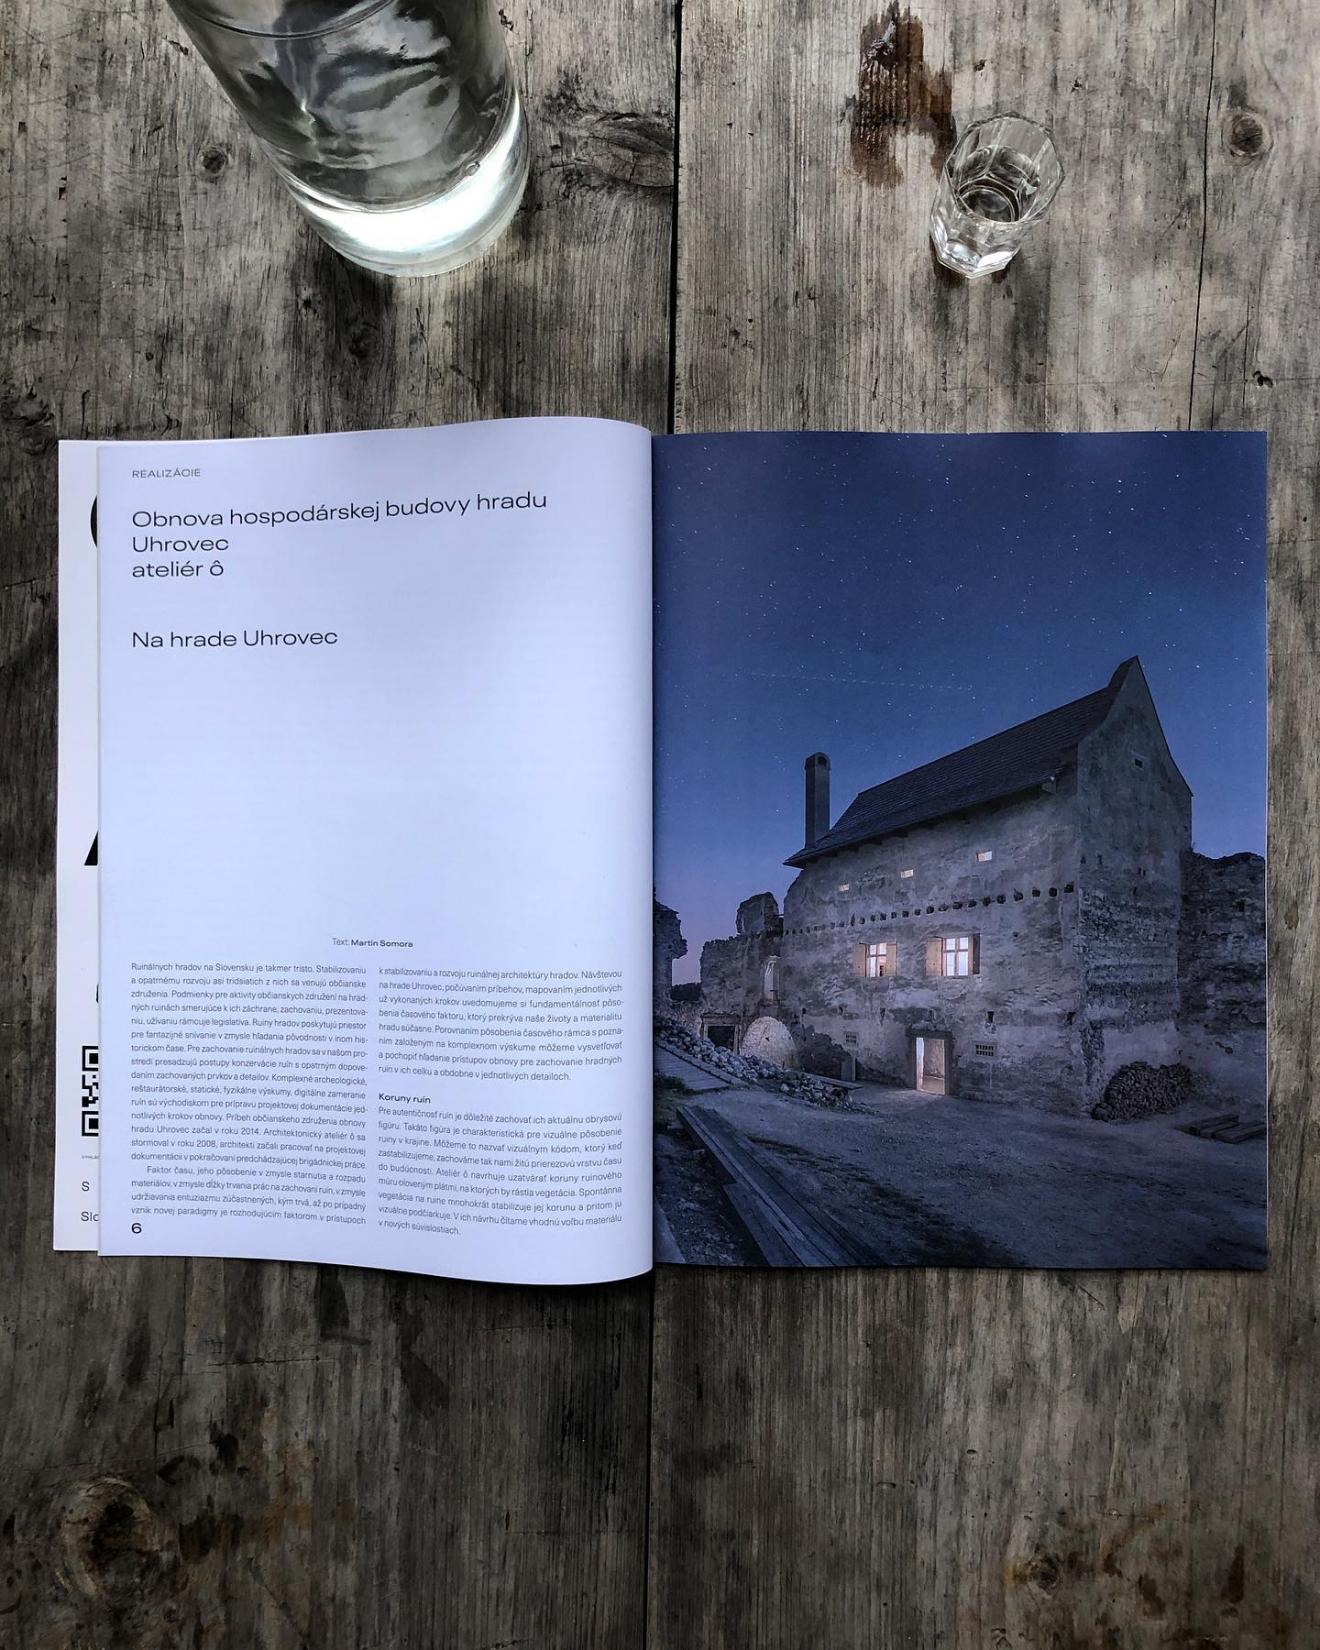 Hospodársky budove na hrade Uhrovec v Časopise PROJEKT 02/2021